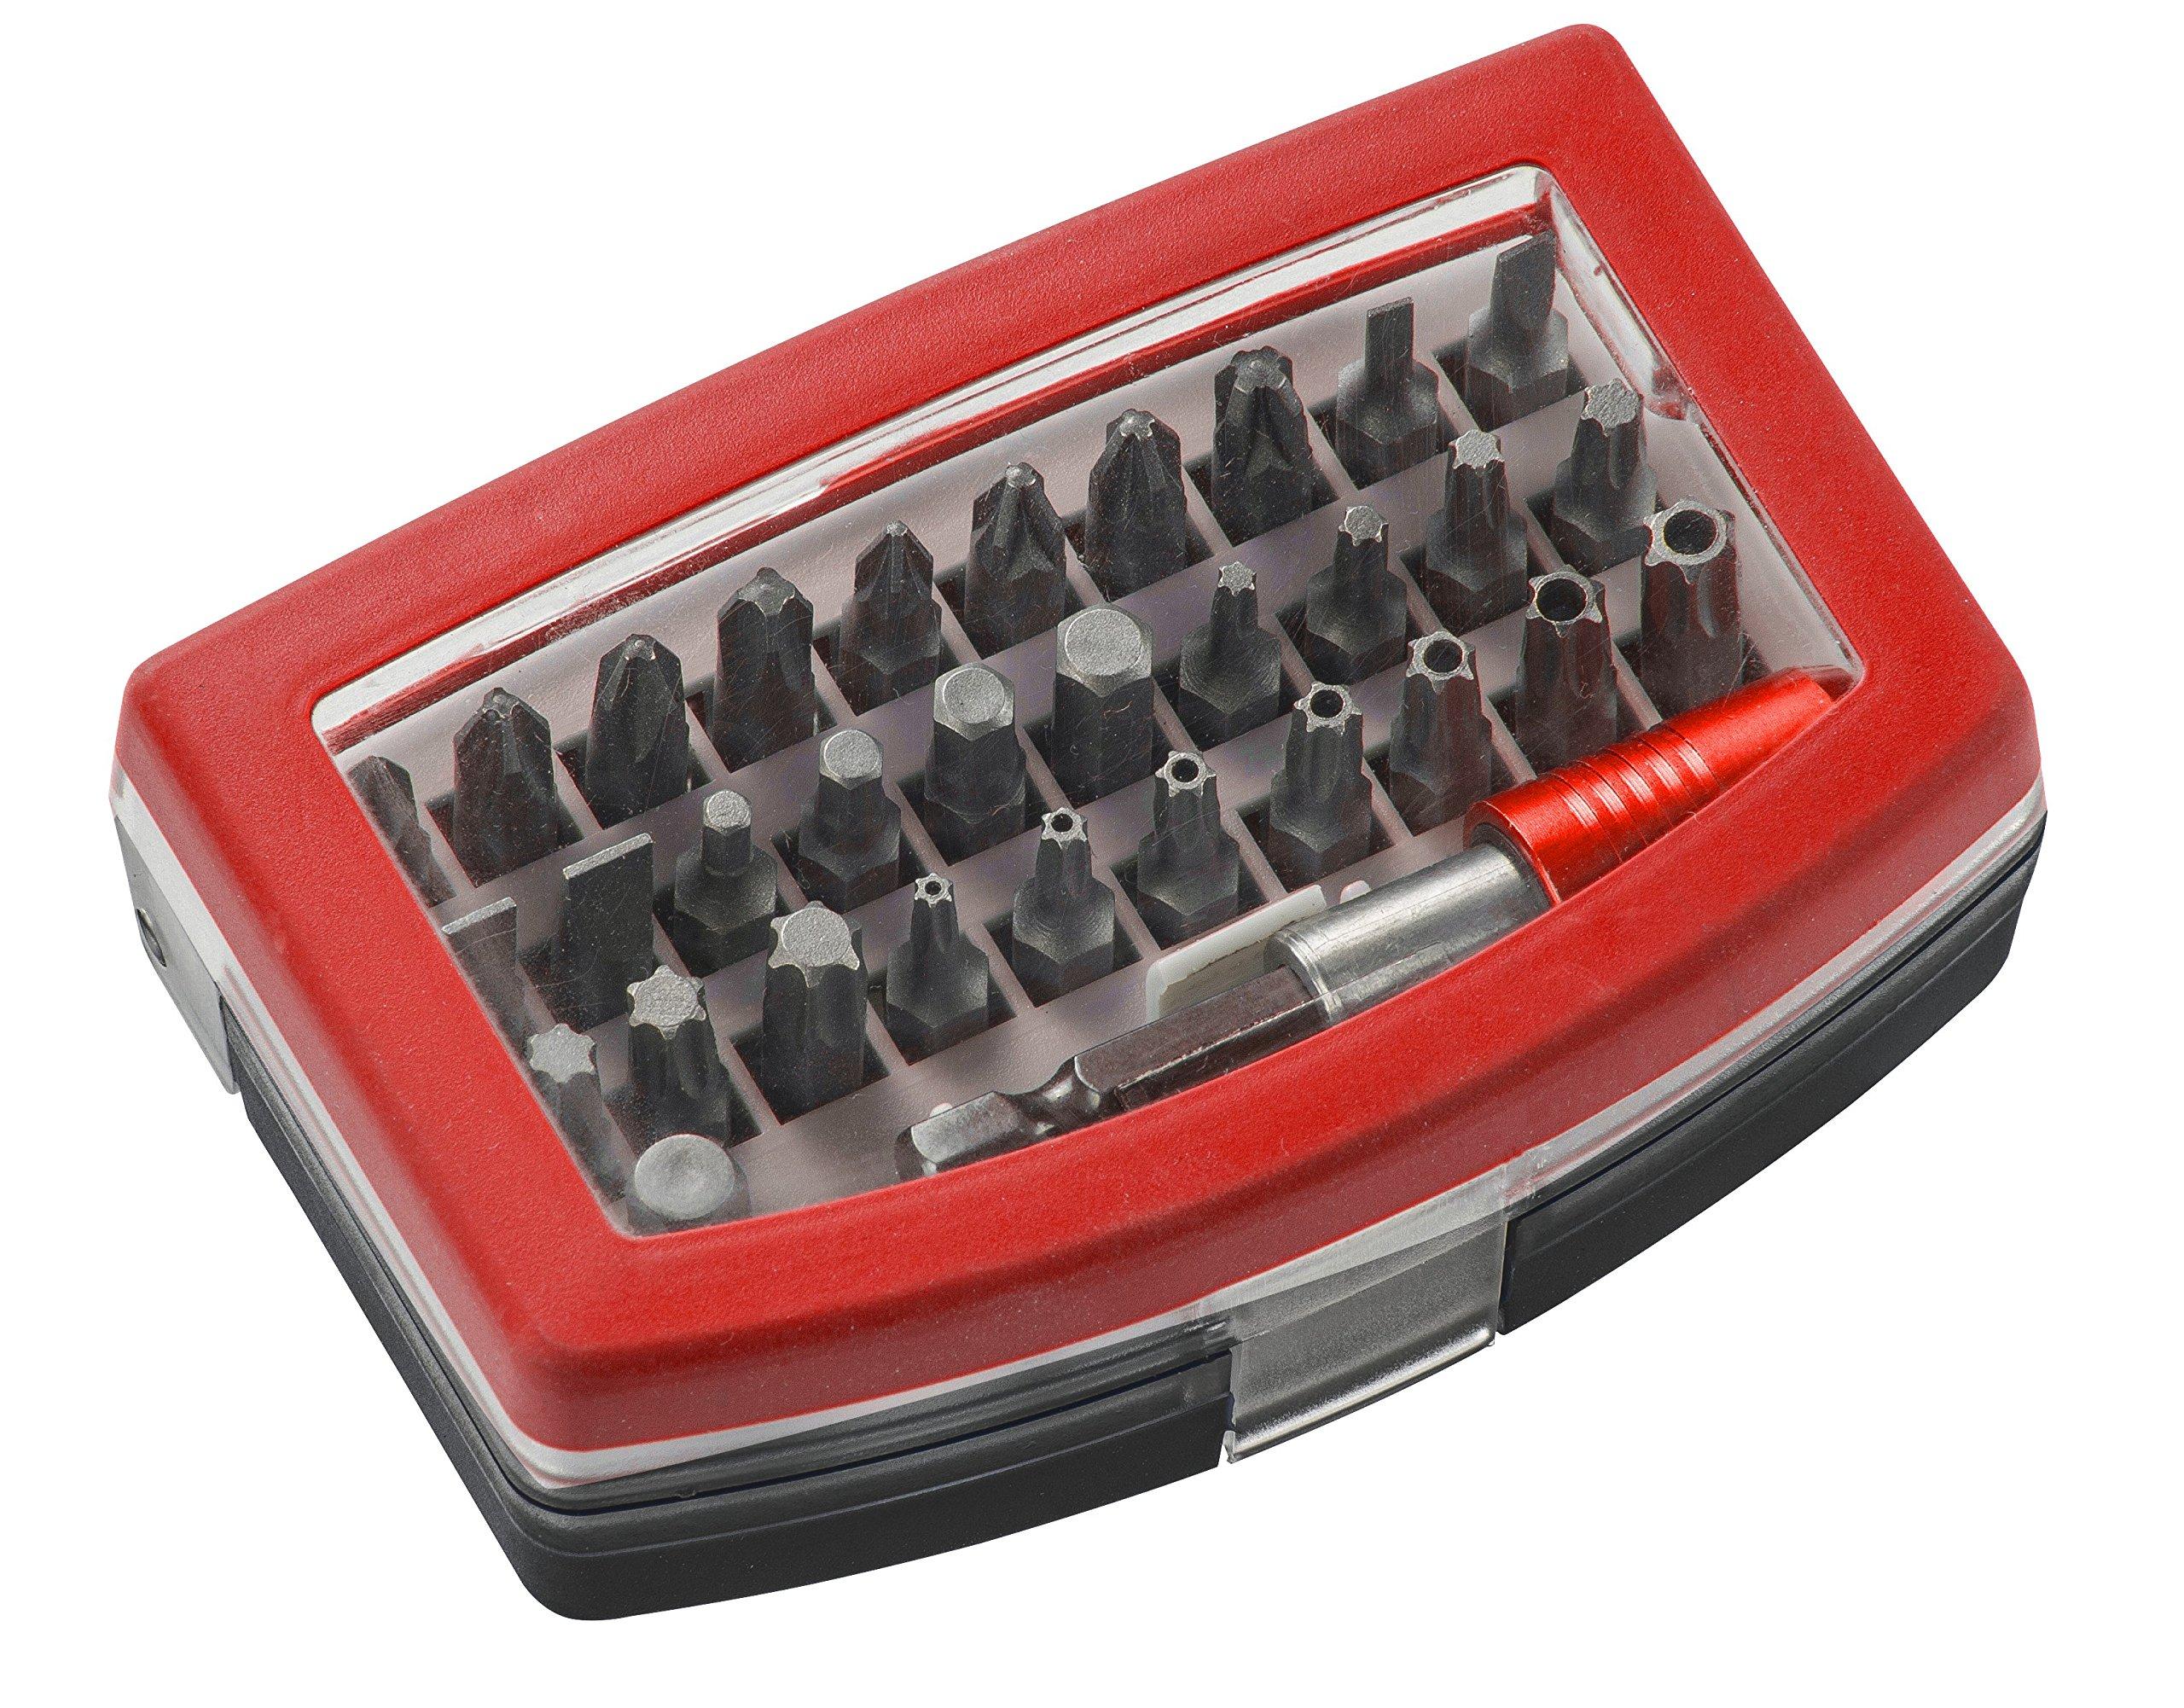 91qvgYH 1pL - KWB GERMANY GMBH 118490 - Bit box con puntas de 32 piezas, acero al cromo-vanadio